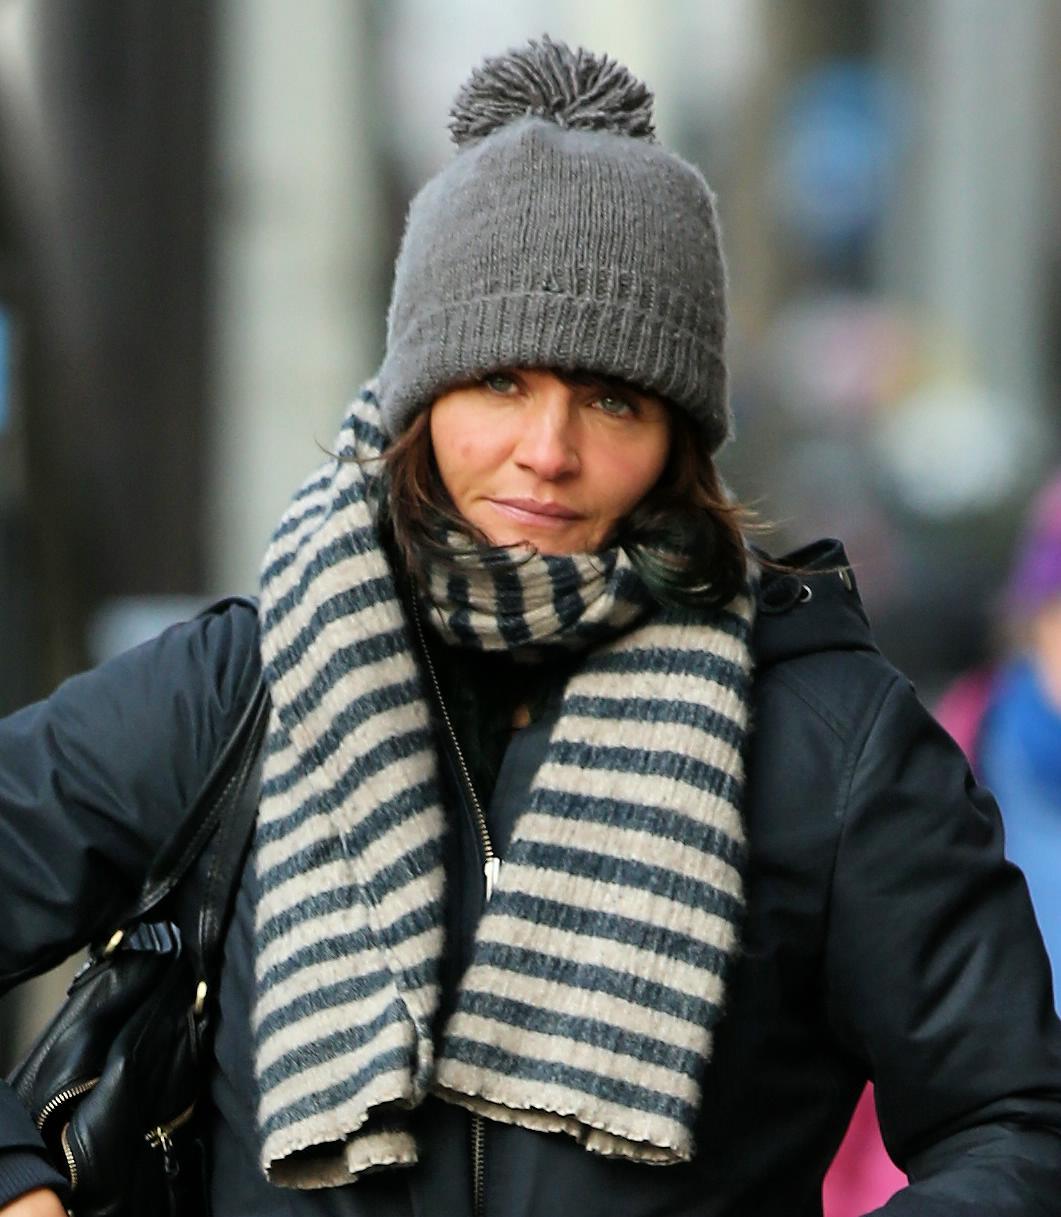 Helena Christensen Chills With Boyfriend Paul Banks in West Village-1